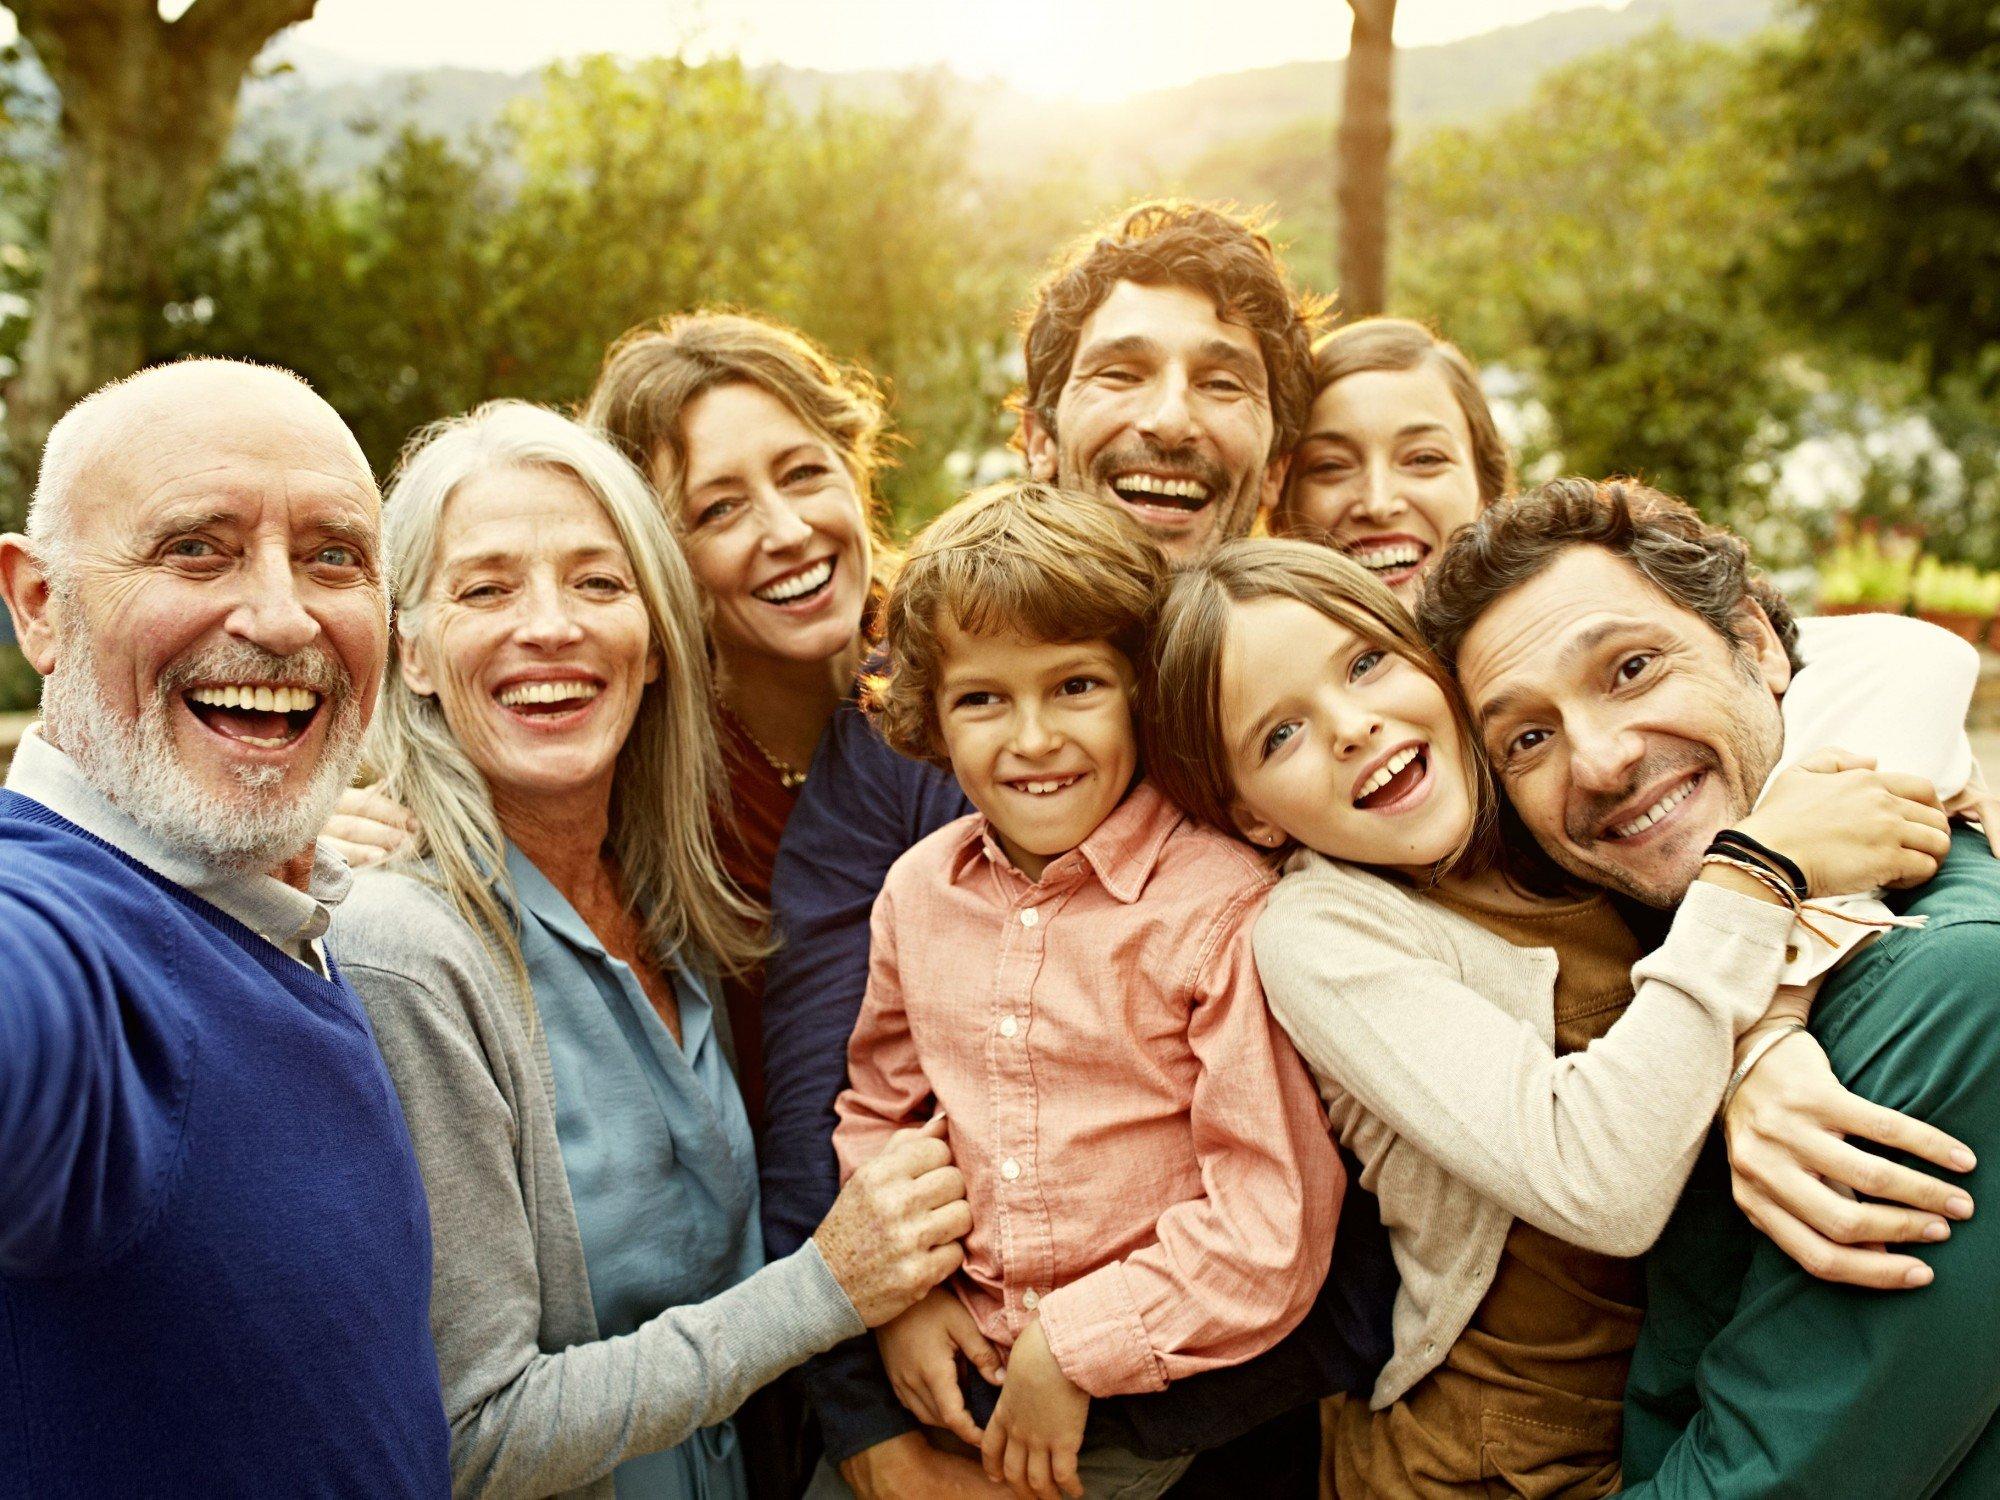 Diplomado en consejería familiar - Diario UNO